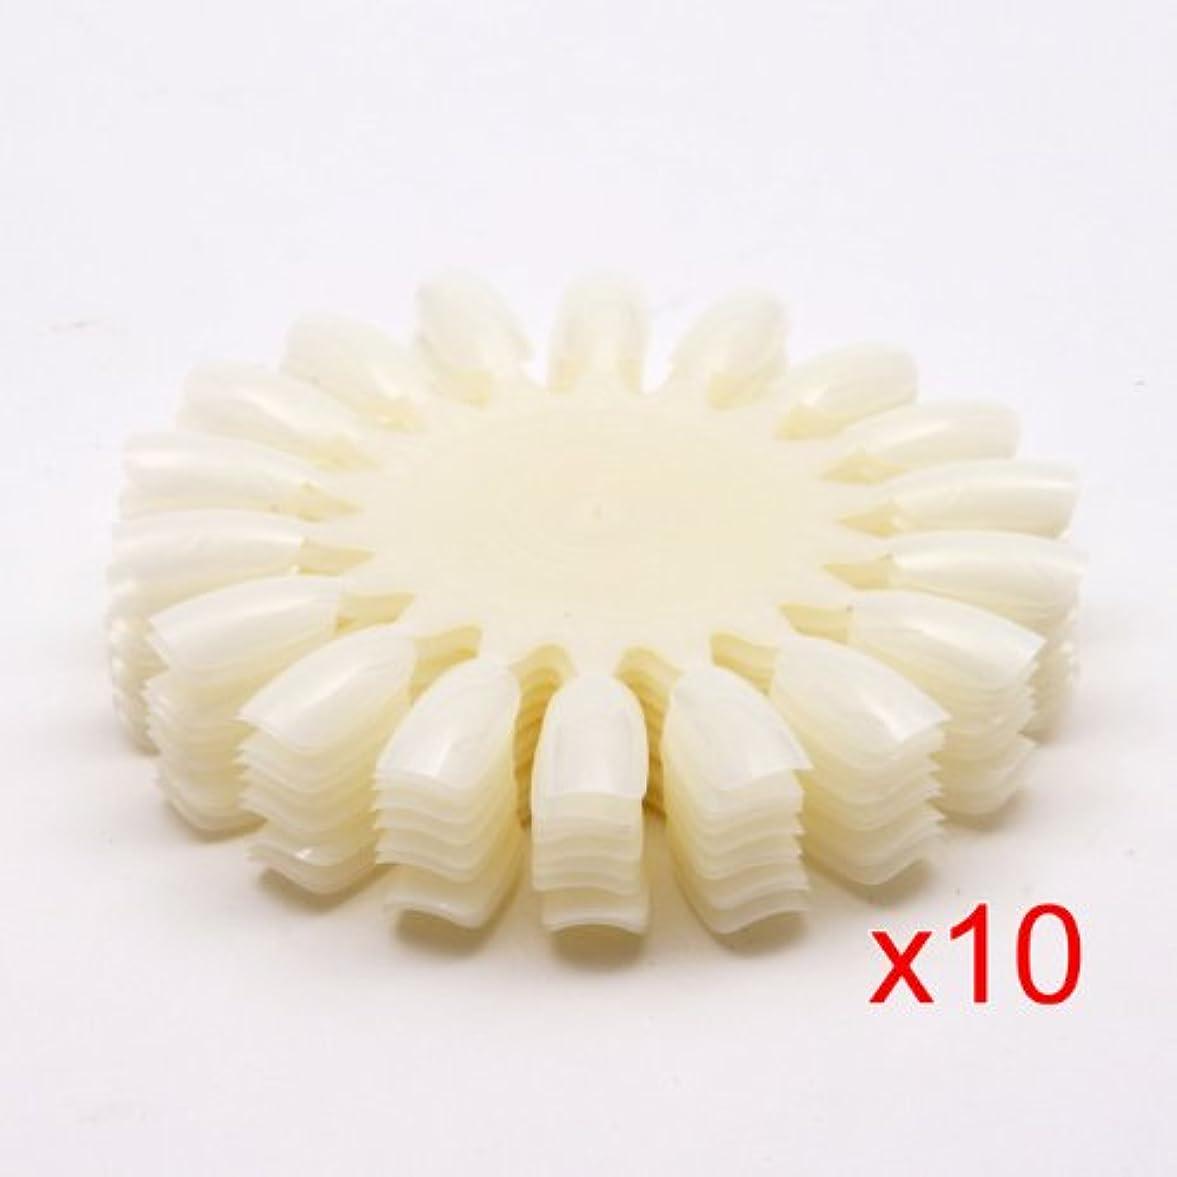 アミューズメント歯車観客Gaoominy 10 xナチュラルな白いのネイルアートホイール